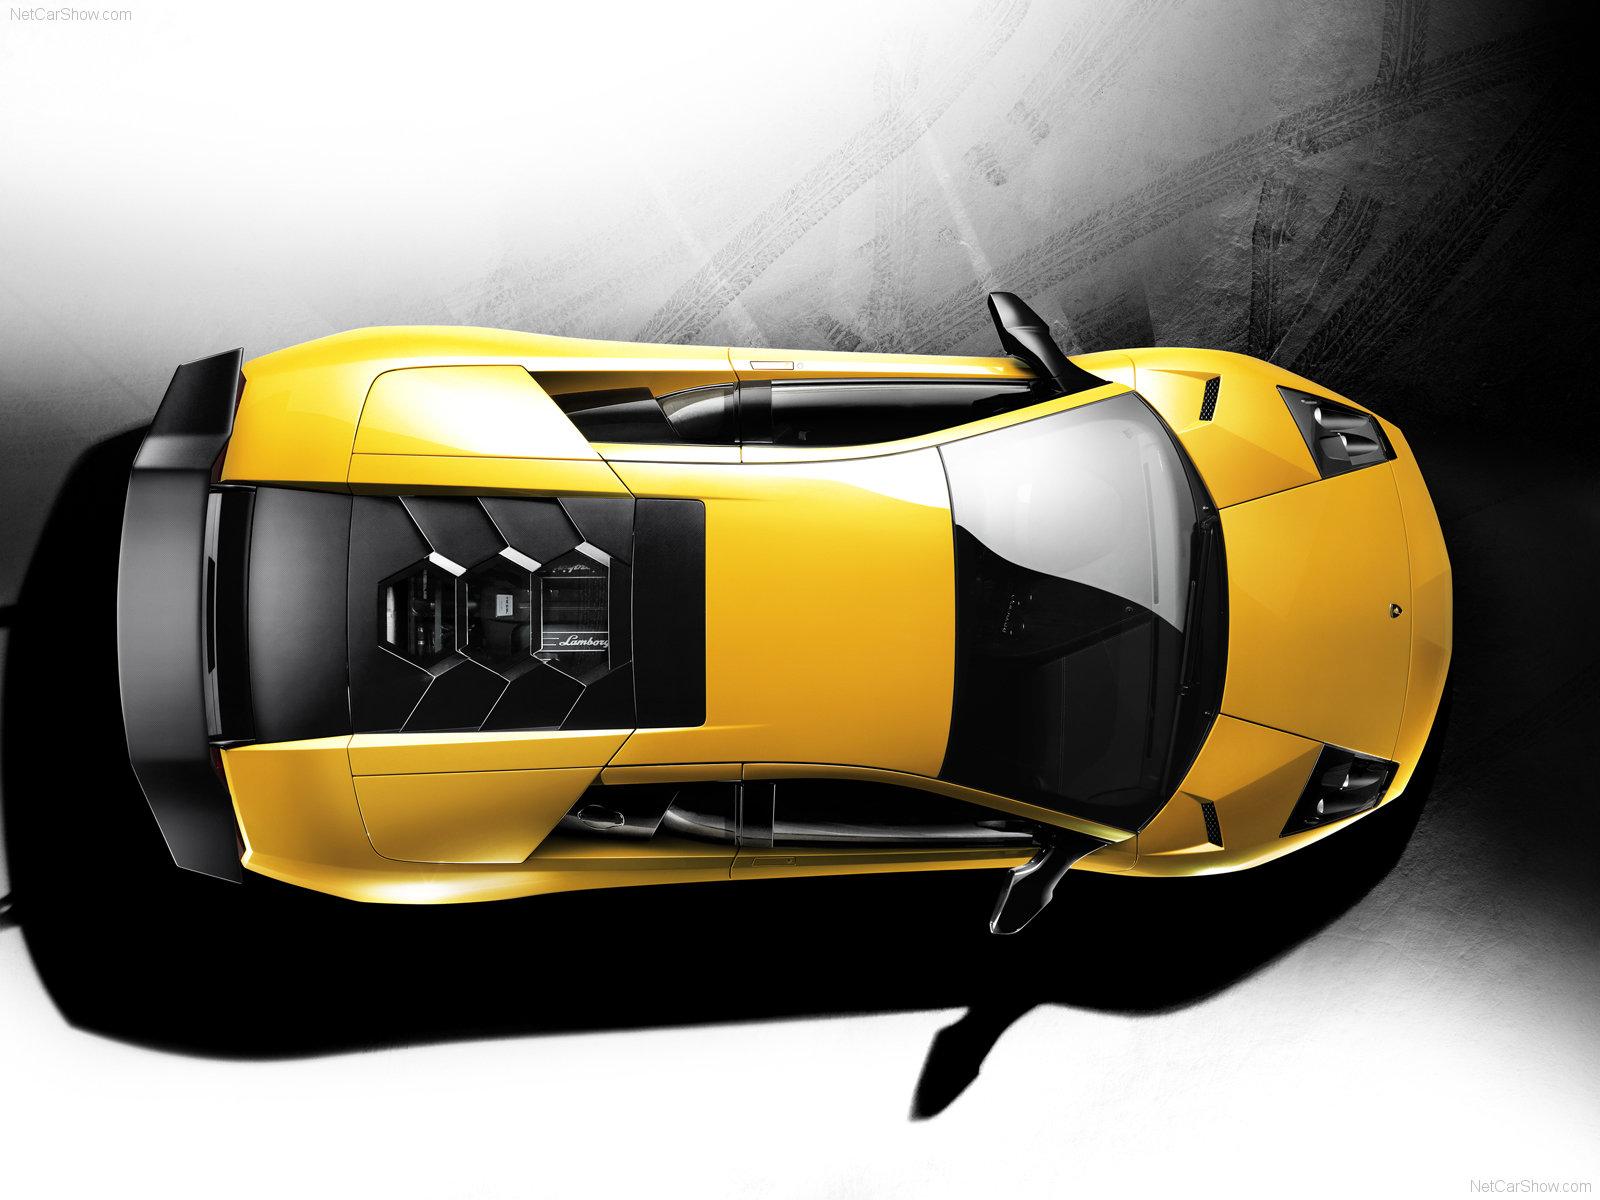 Hình ảnh siêu xe Lamborghini Murcielago LP670-4 SuperVeloce 2010 & nội ngoại thất